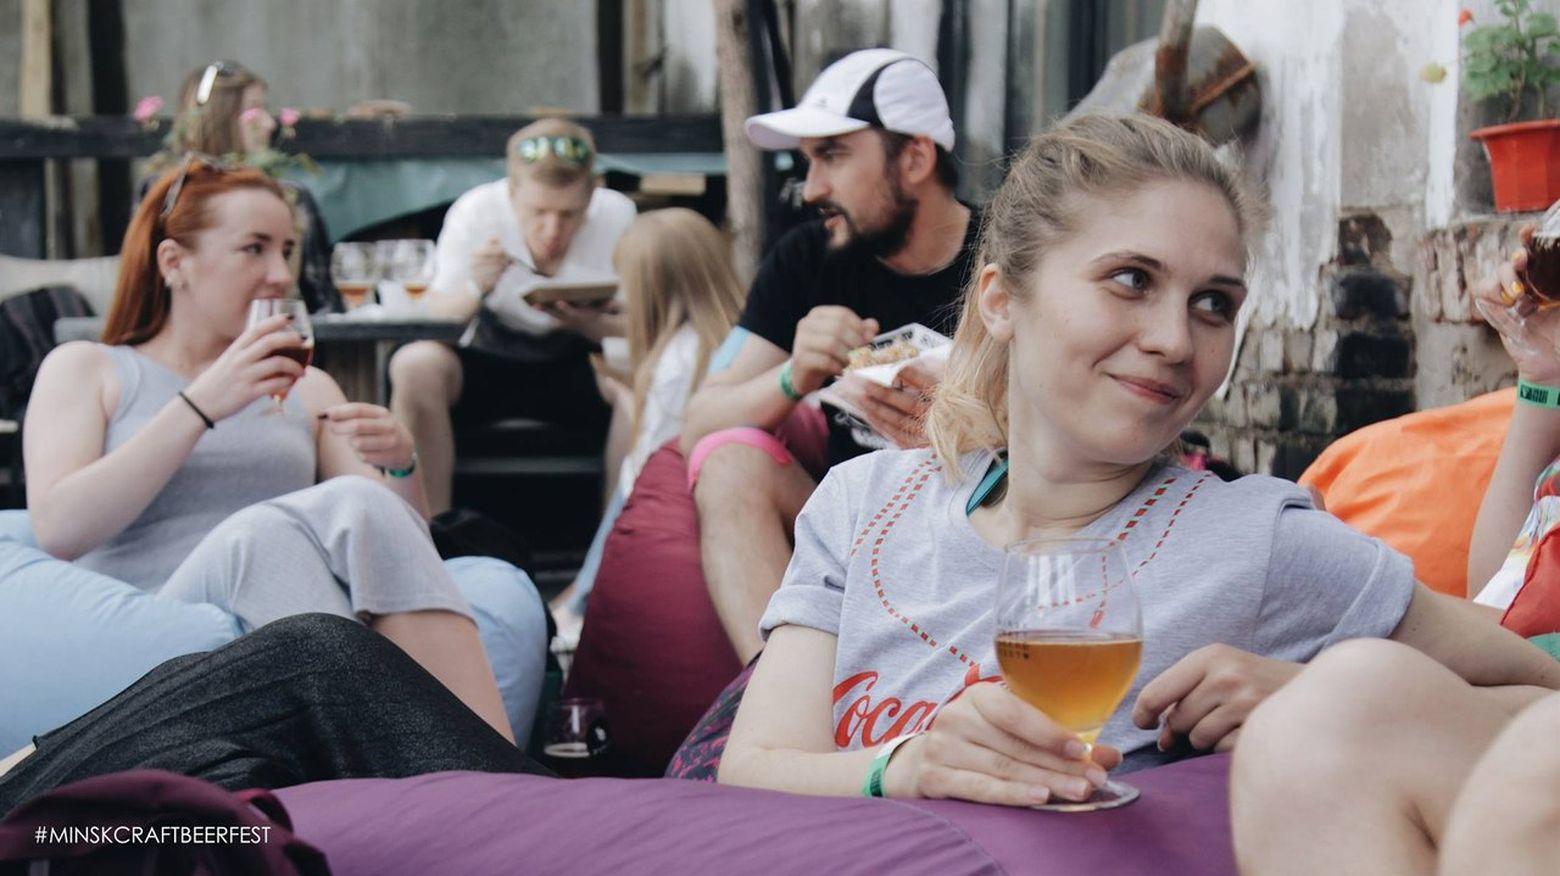 Фестиваль Minsk Craft Beer Fest, Минск, 21 апреля